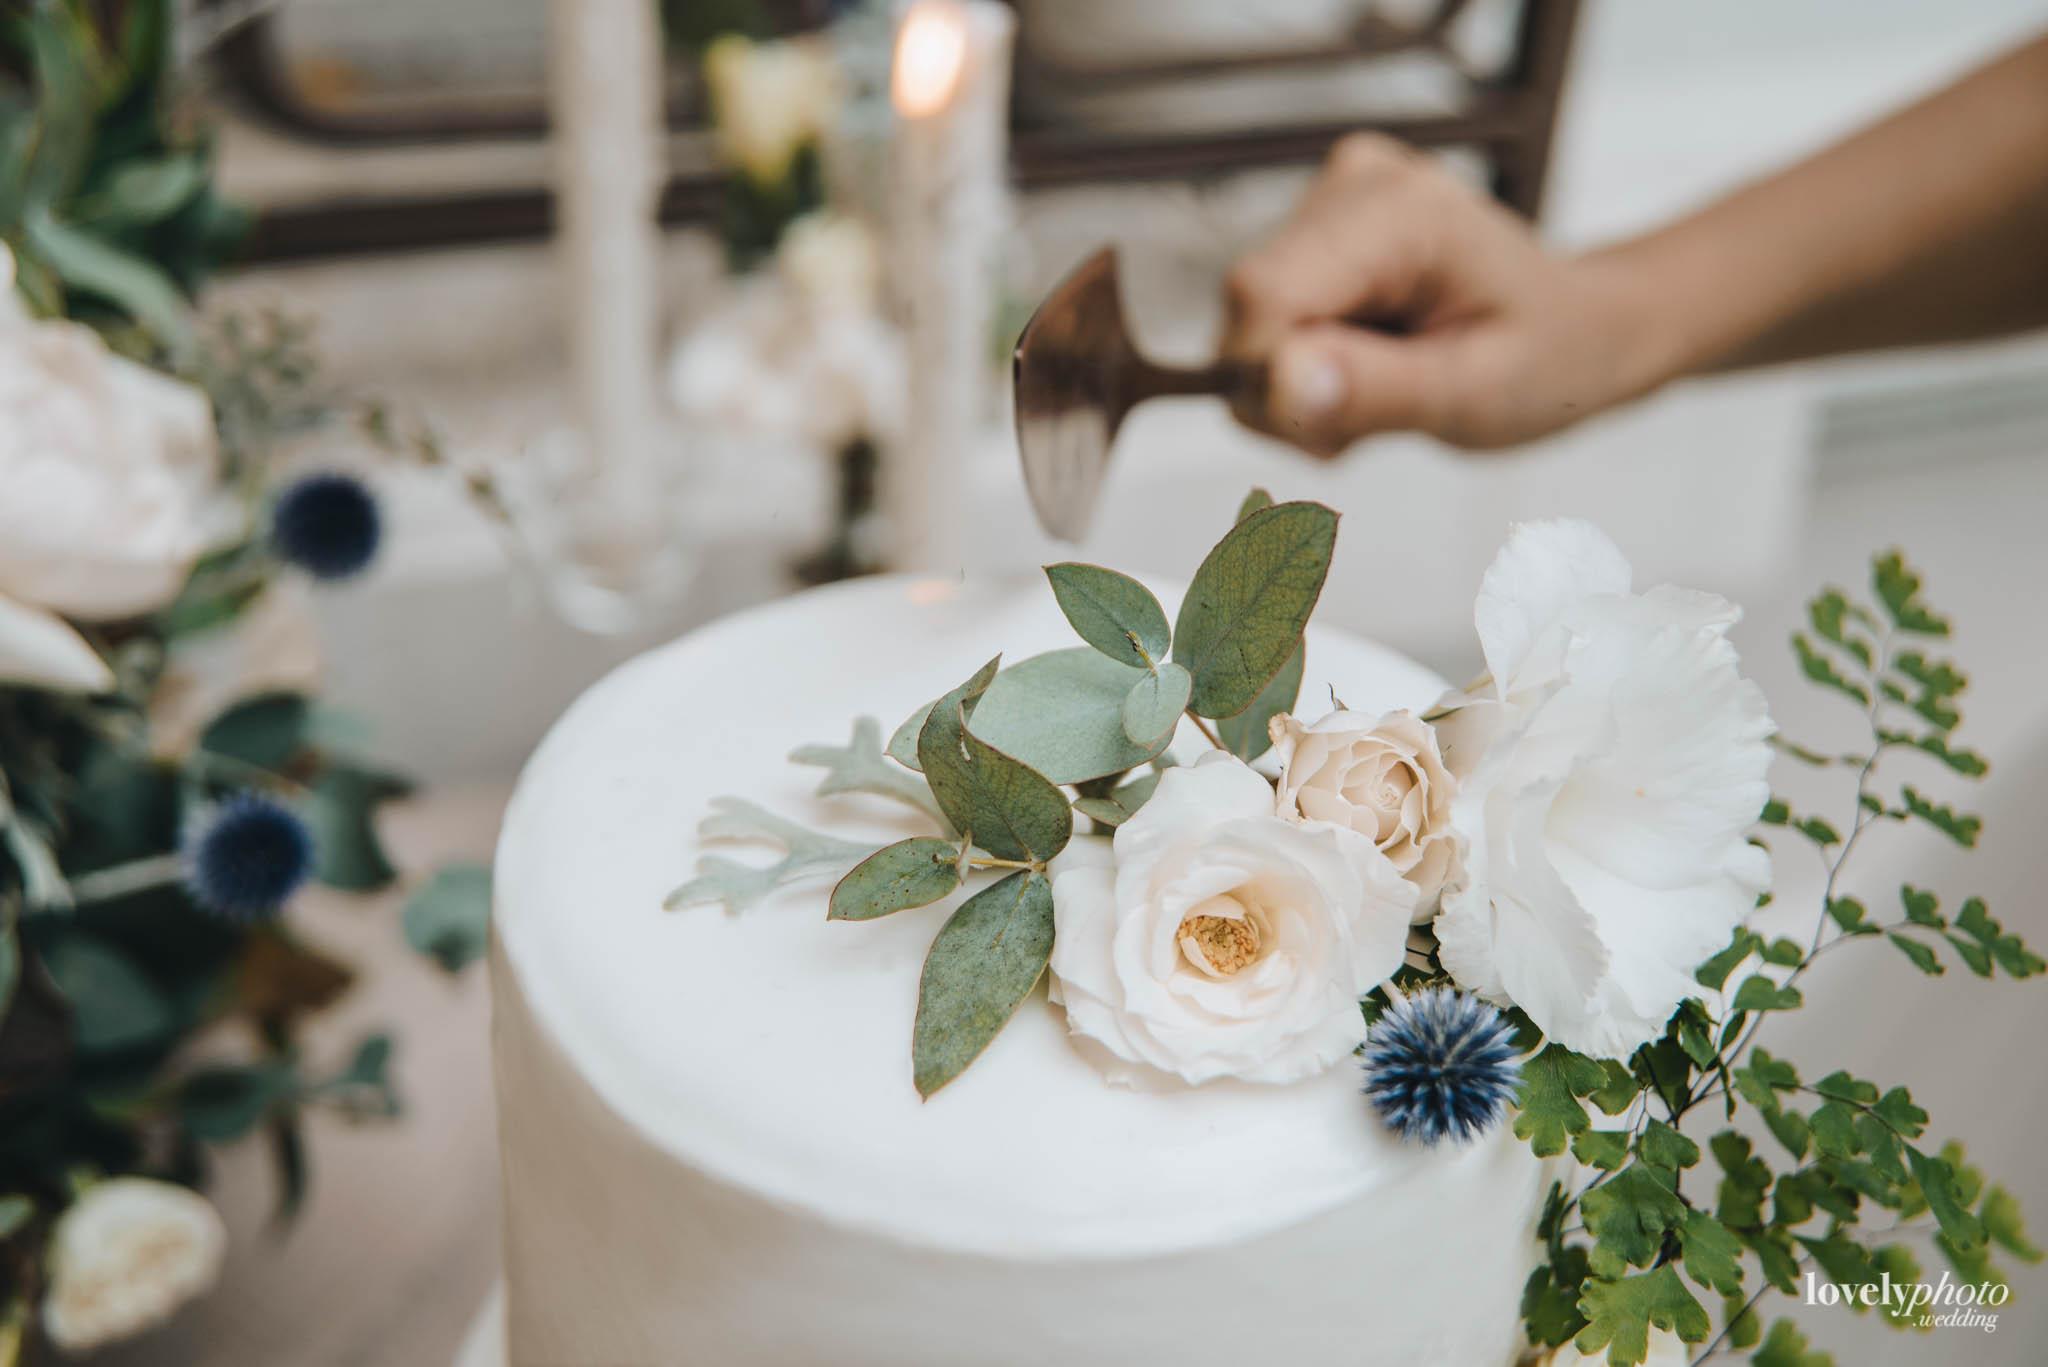 Styled Shoot blush fotografo bodas casamientos wedding photographer buenos aires Lovely Photo fotografa de eventos